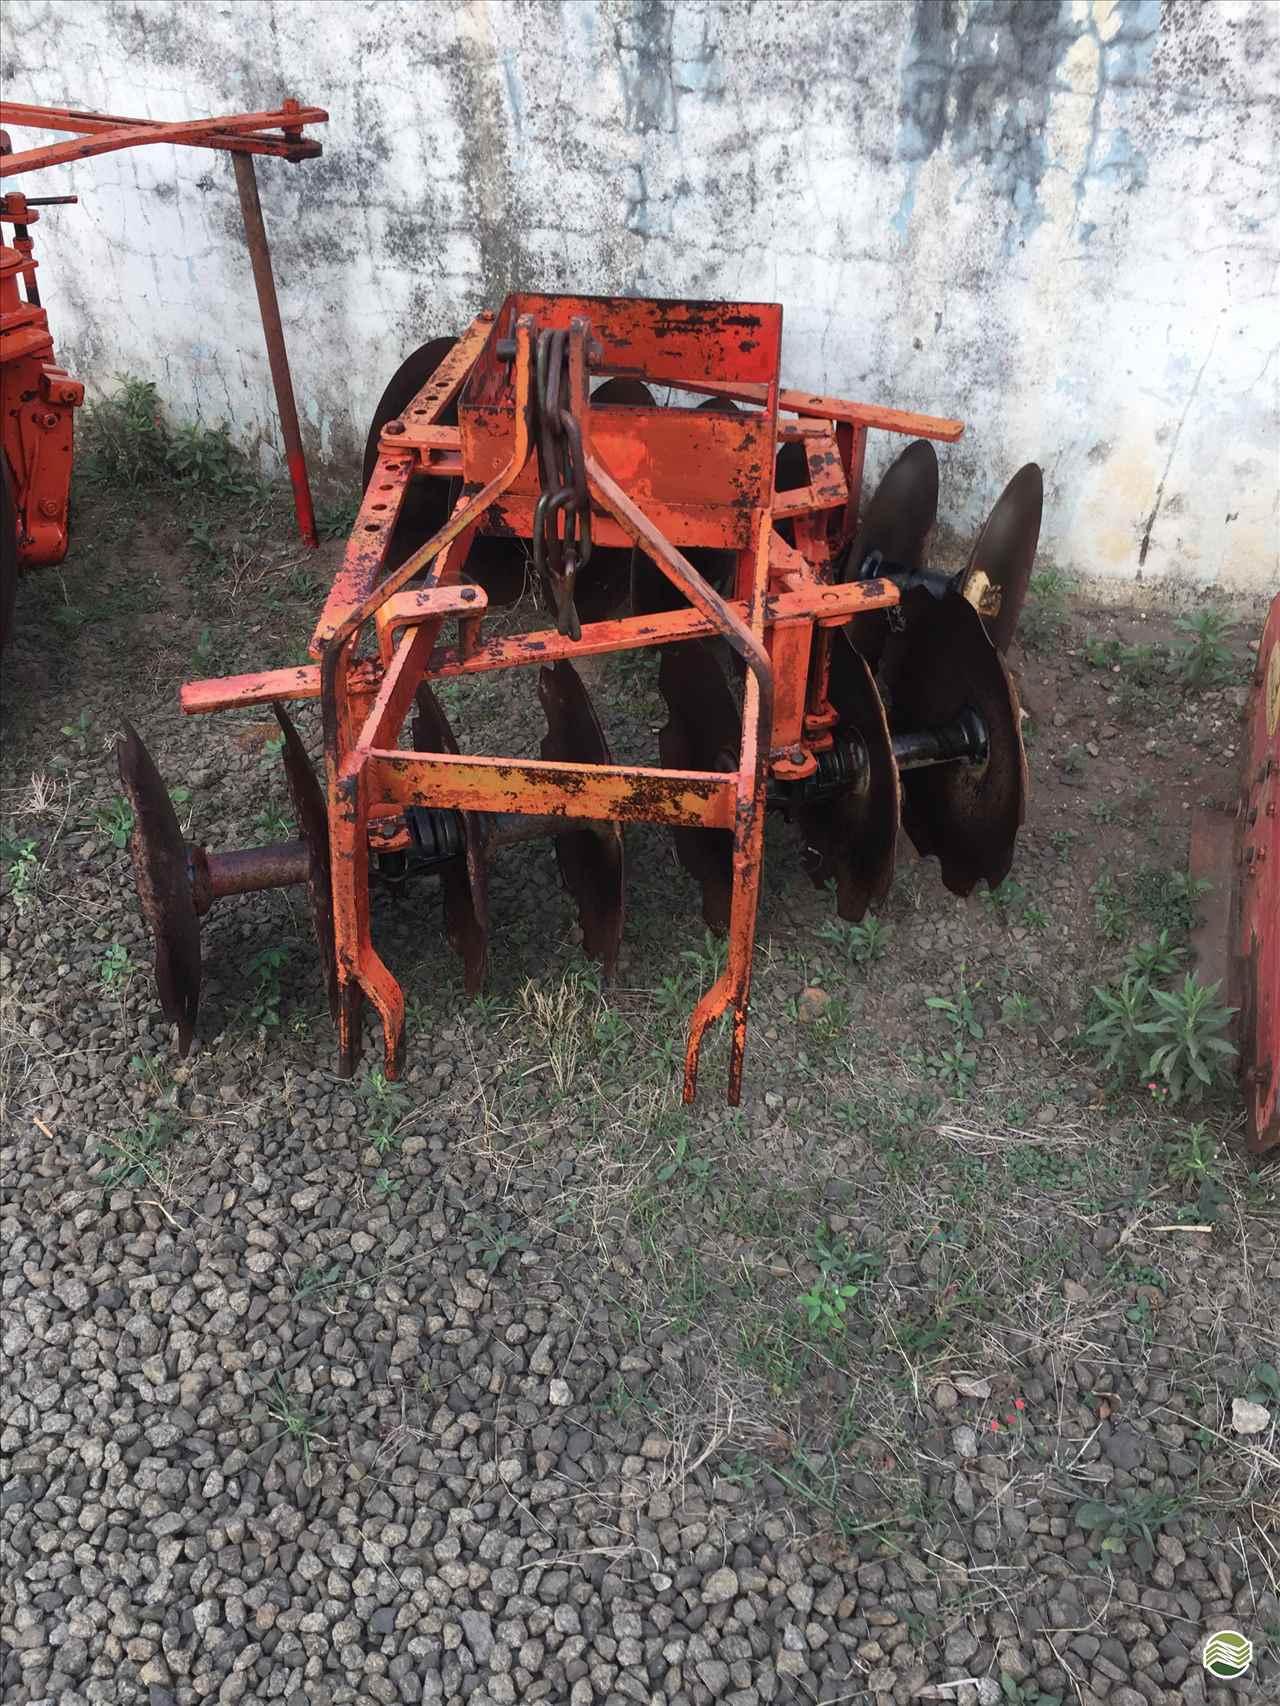 IMPLEMENTOS AGRICOLAS GRADE NIVELADORA GRADE HIDRÁULICA Limeira Tratores LIMEIRA SÃO PAULO SP